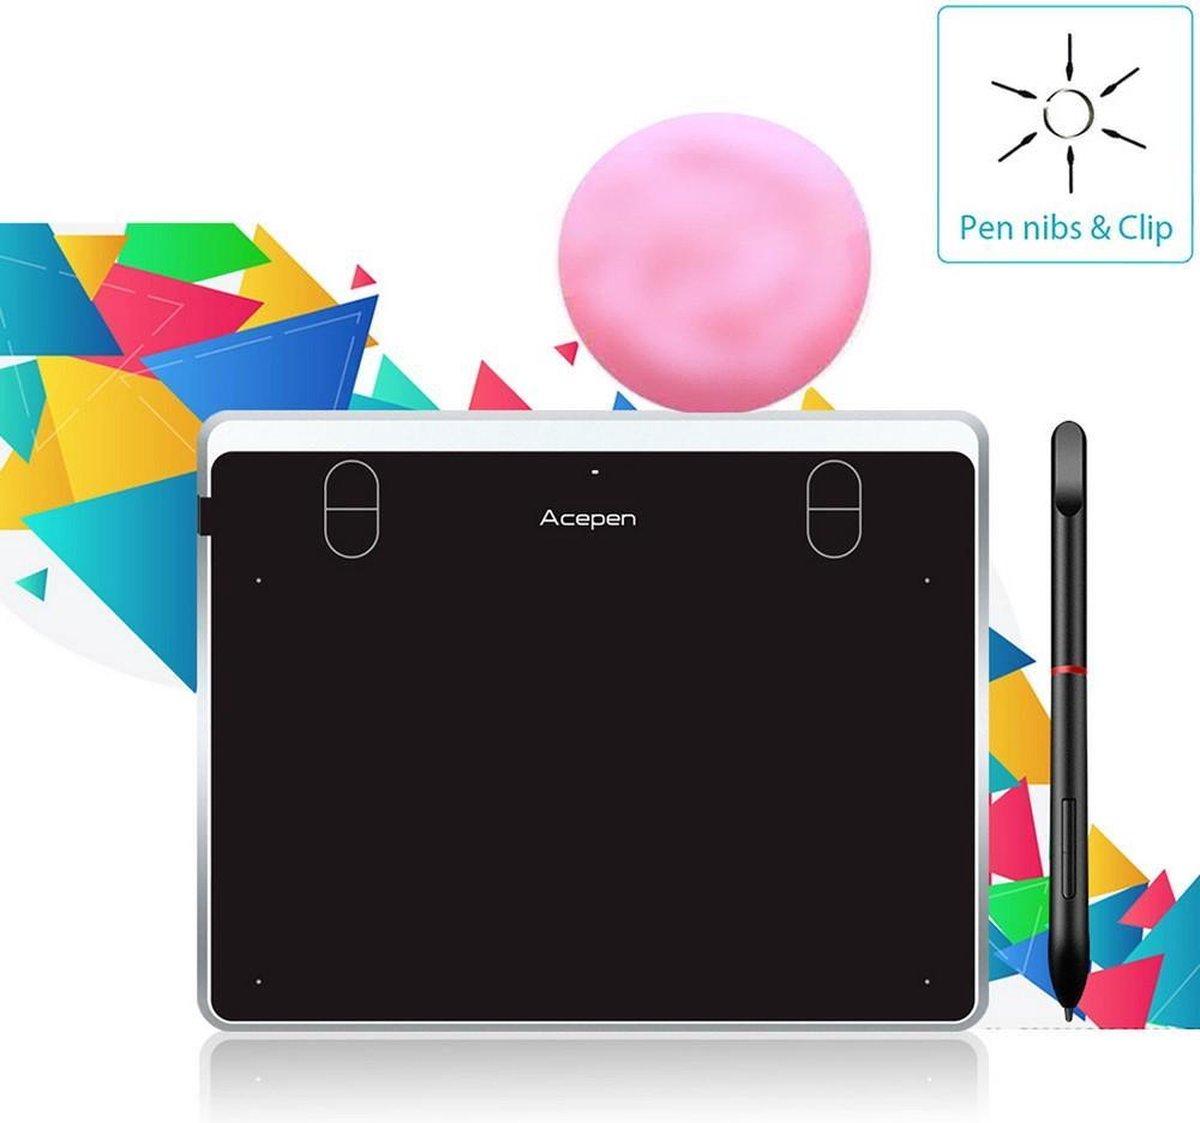 Acepen ® Tekentablet | Grafische tekentablet | 5080 LPI | PC - Laptop - Smartphone - Tablet | Zilver |